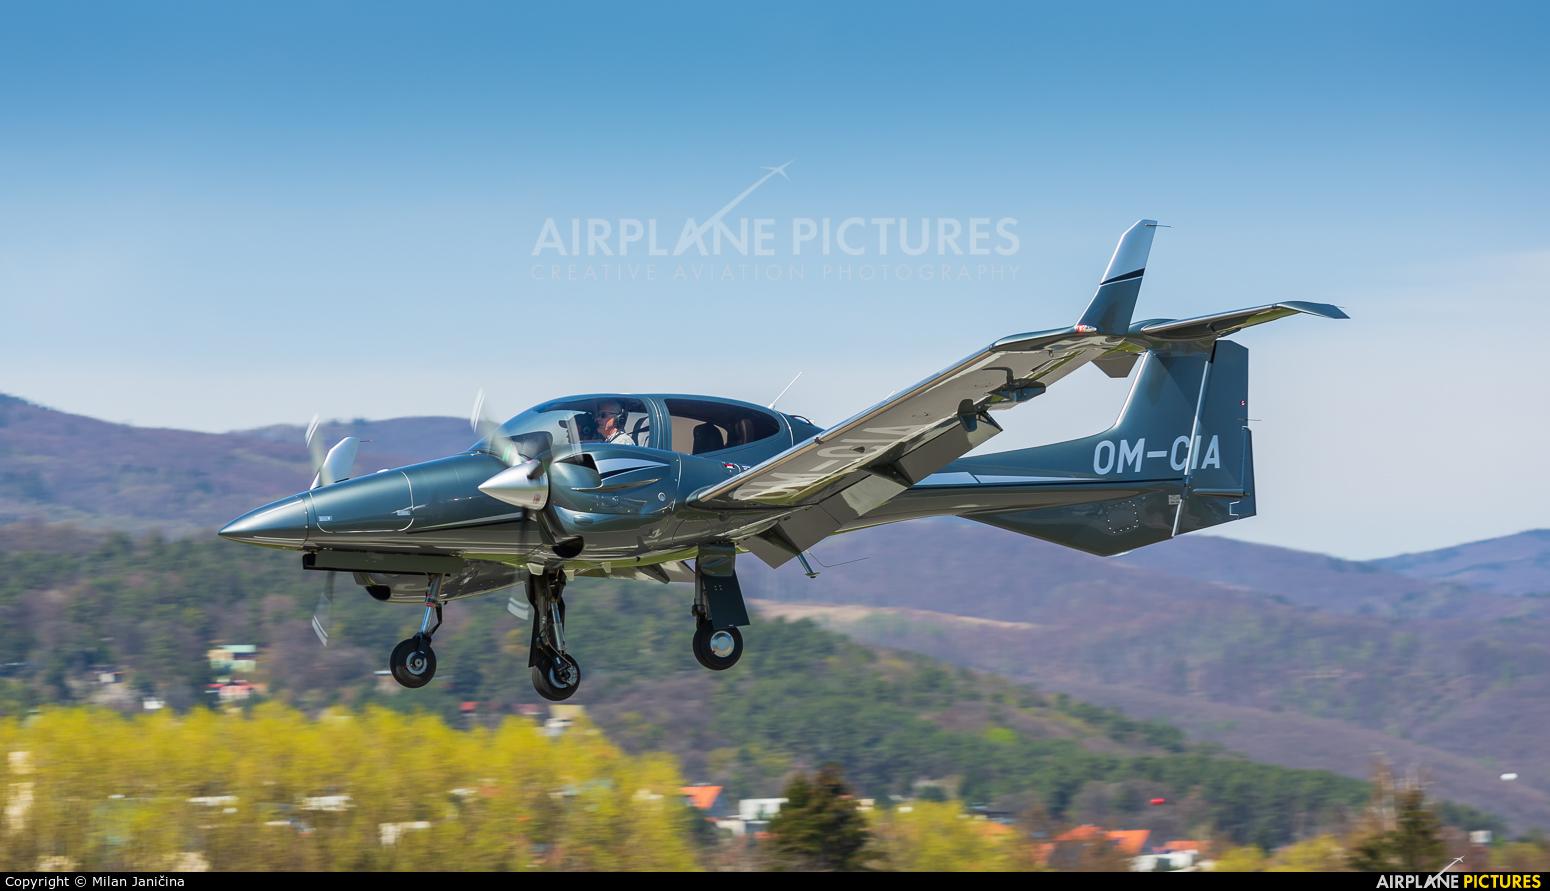 Private OM-CIA aircraft at Prievidza